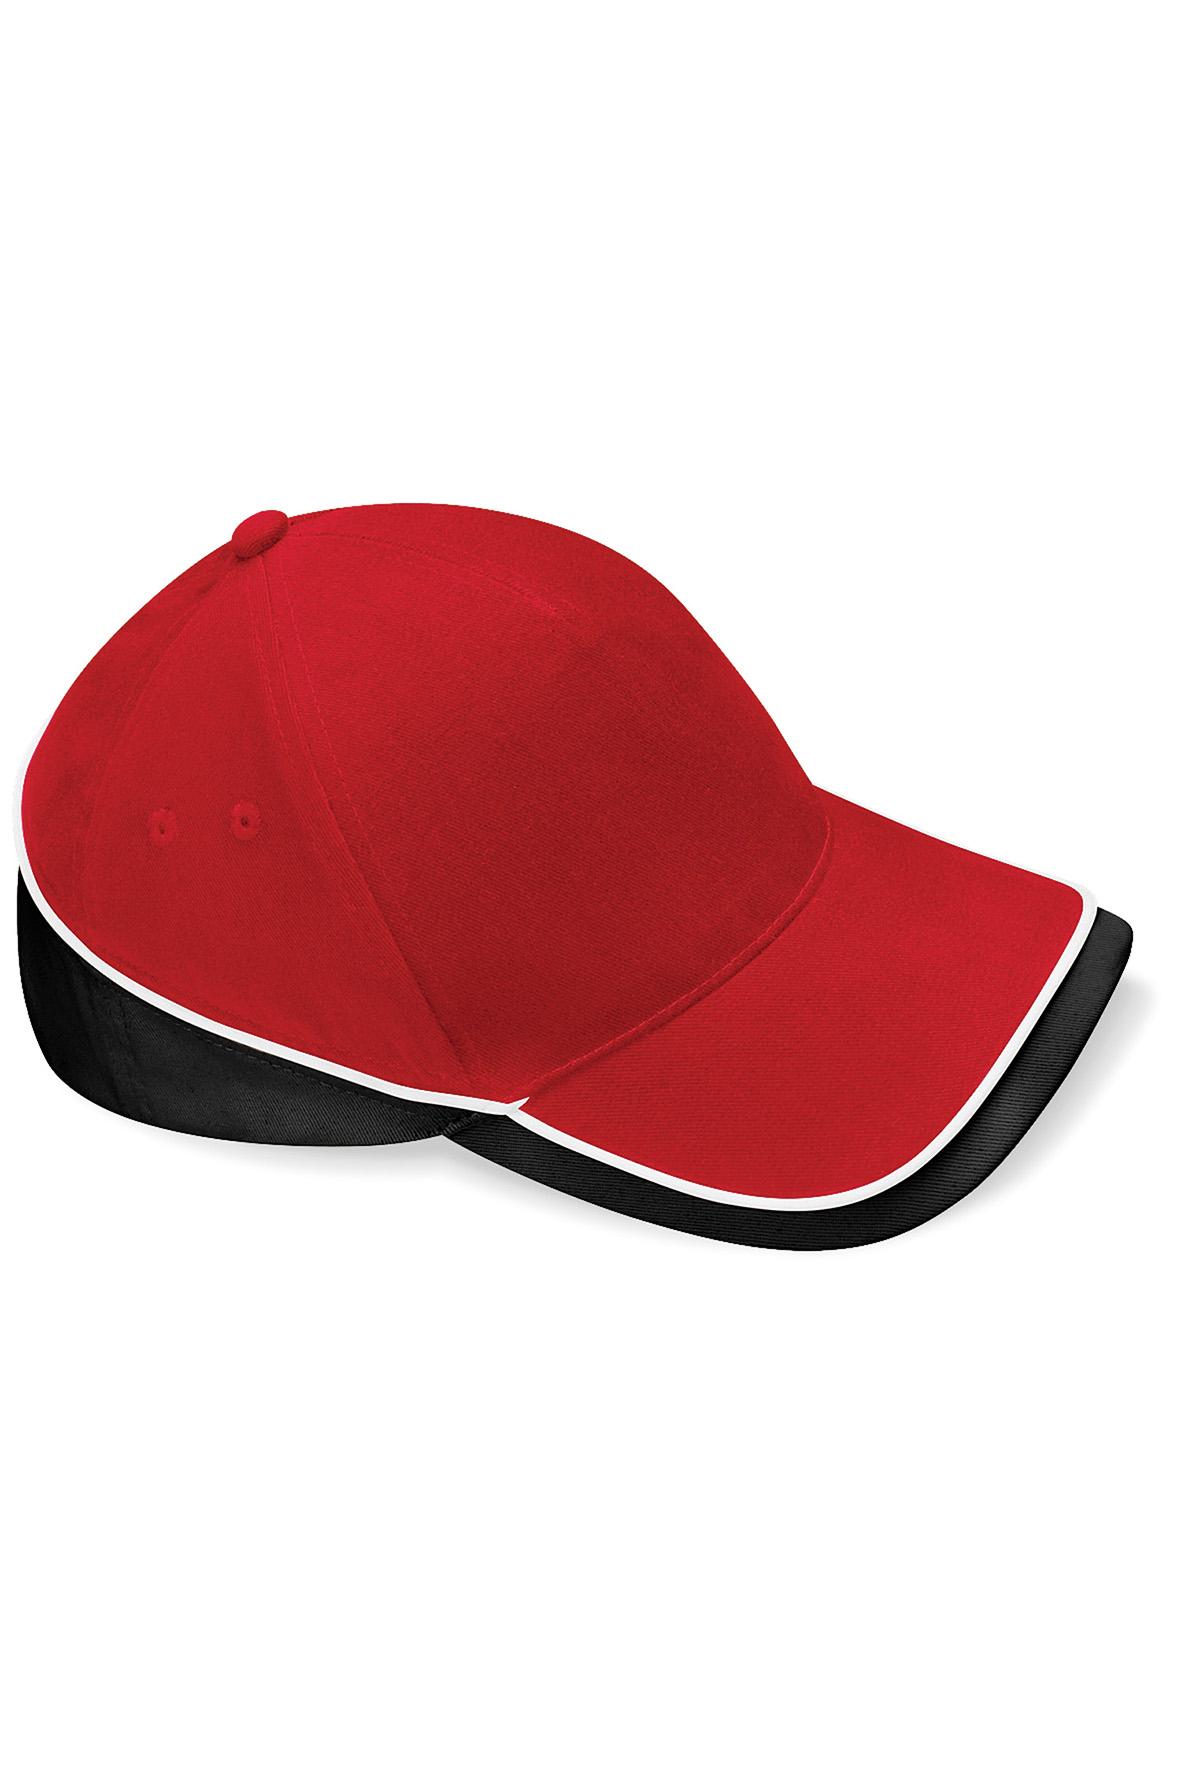 Teamwear Lippis Classic Red - Musta - Valkoinen